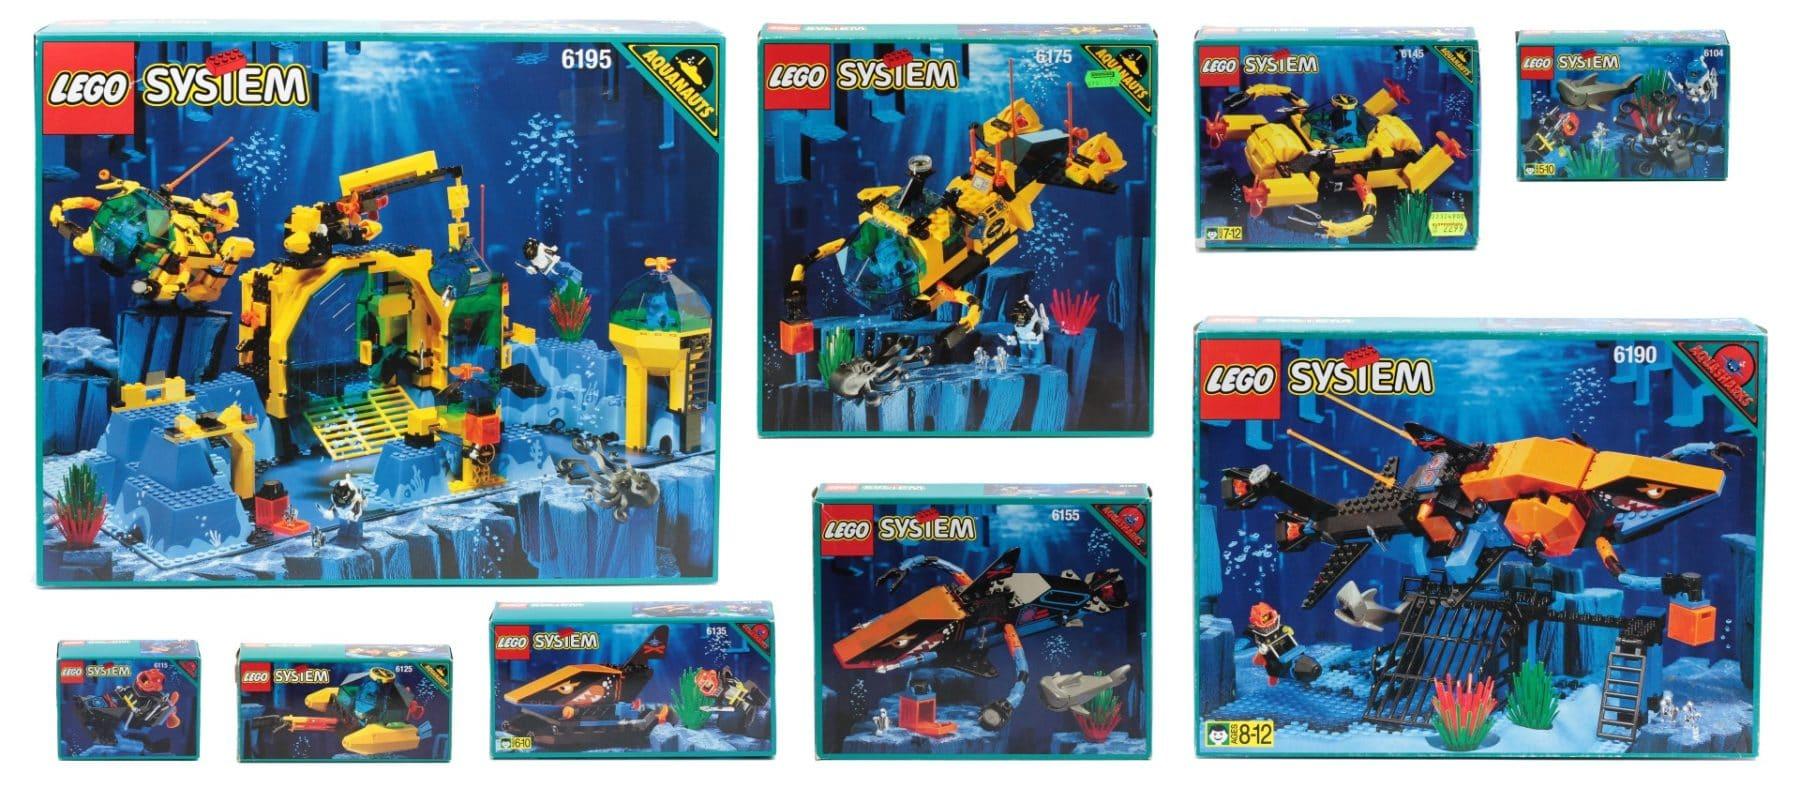 Verpackungen der im Katalog beworbenen Sets